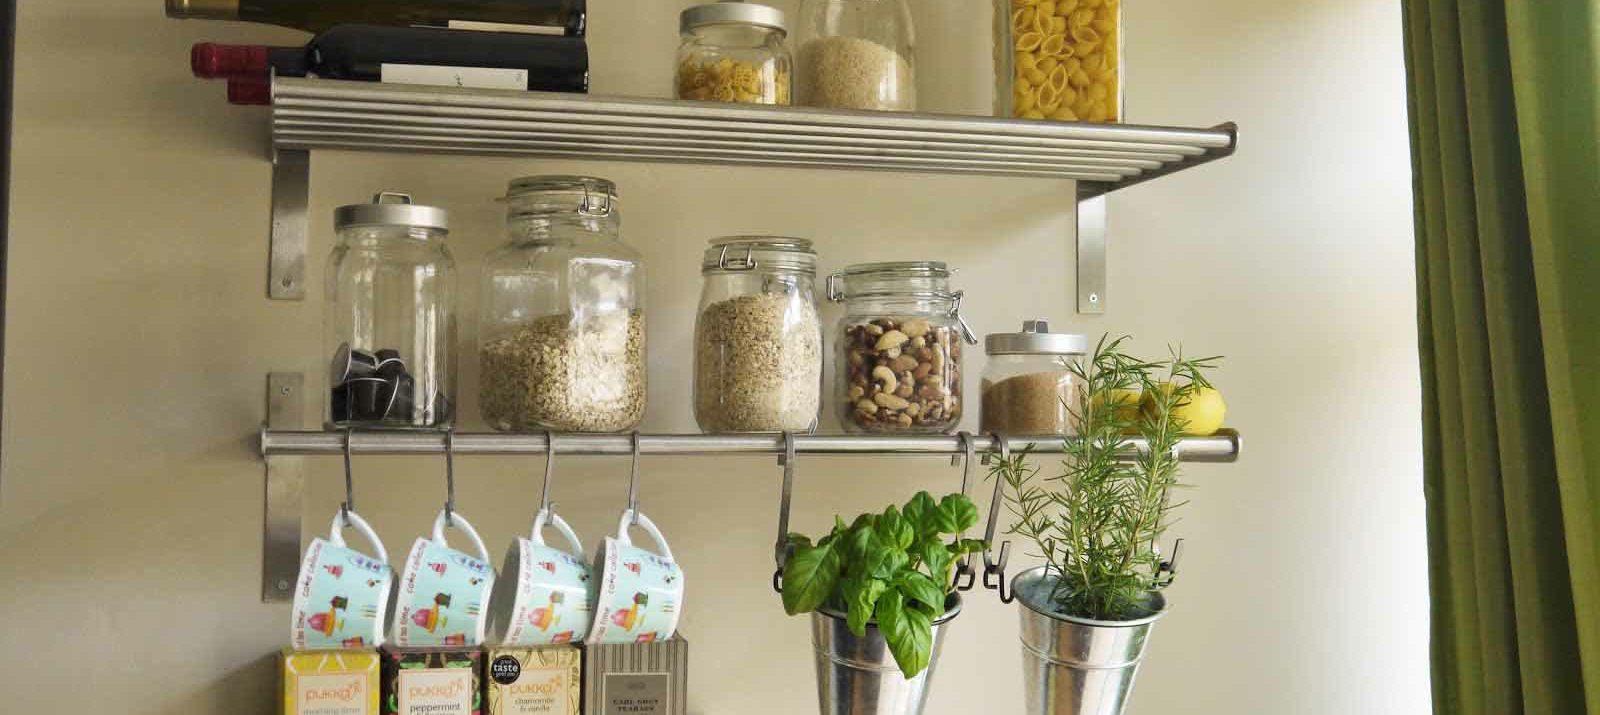 Kitchen Utilization Shelf